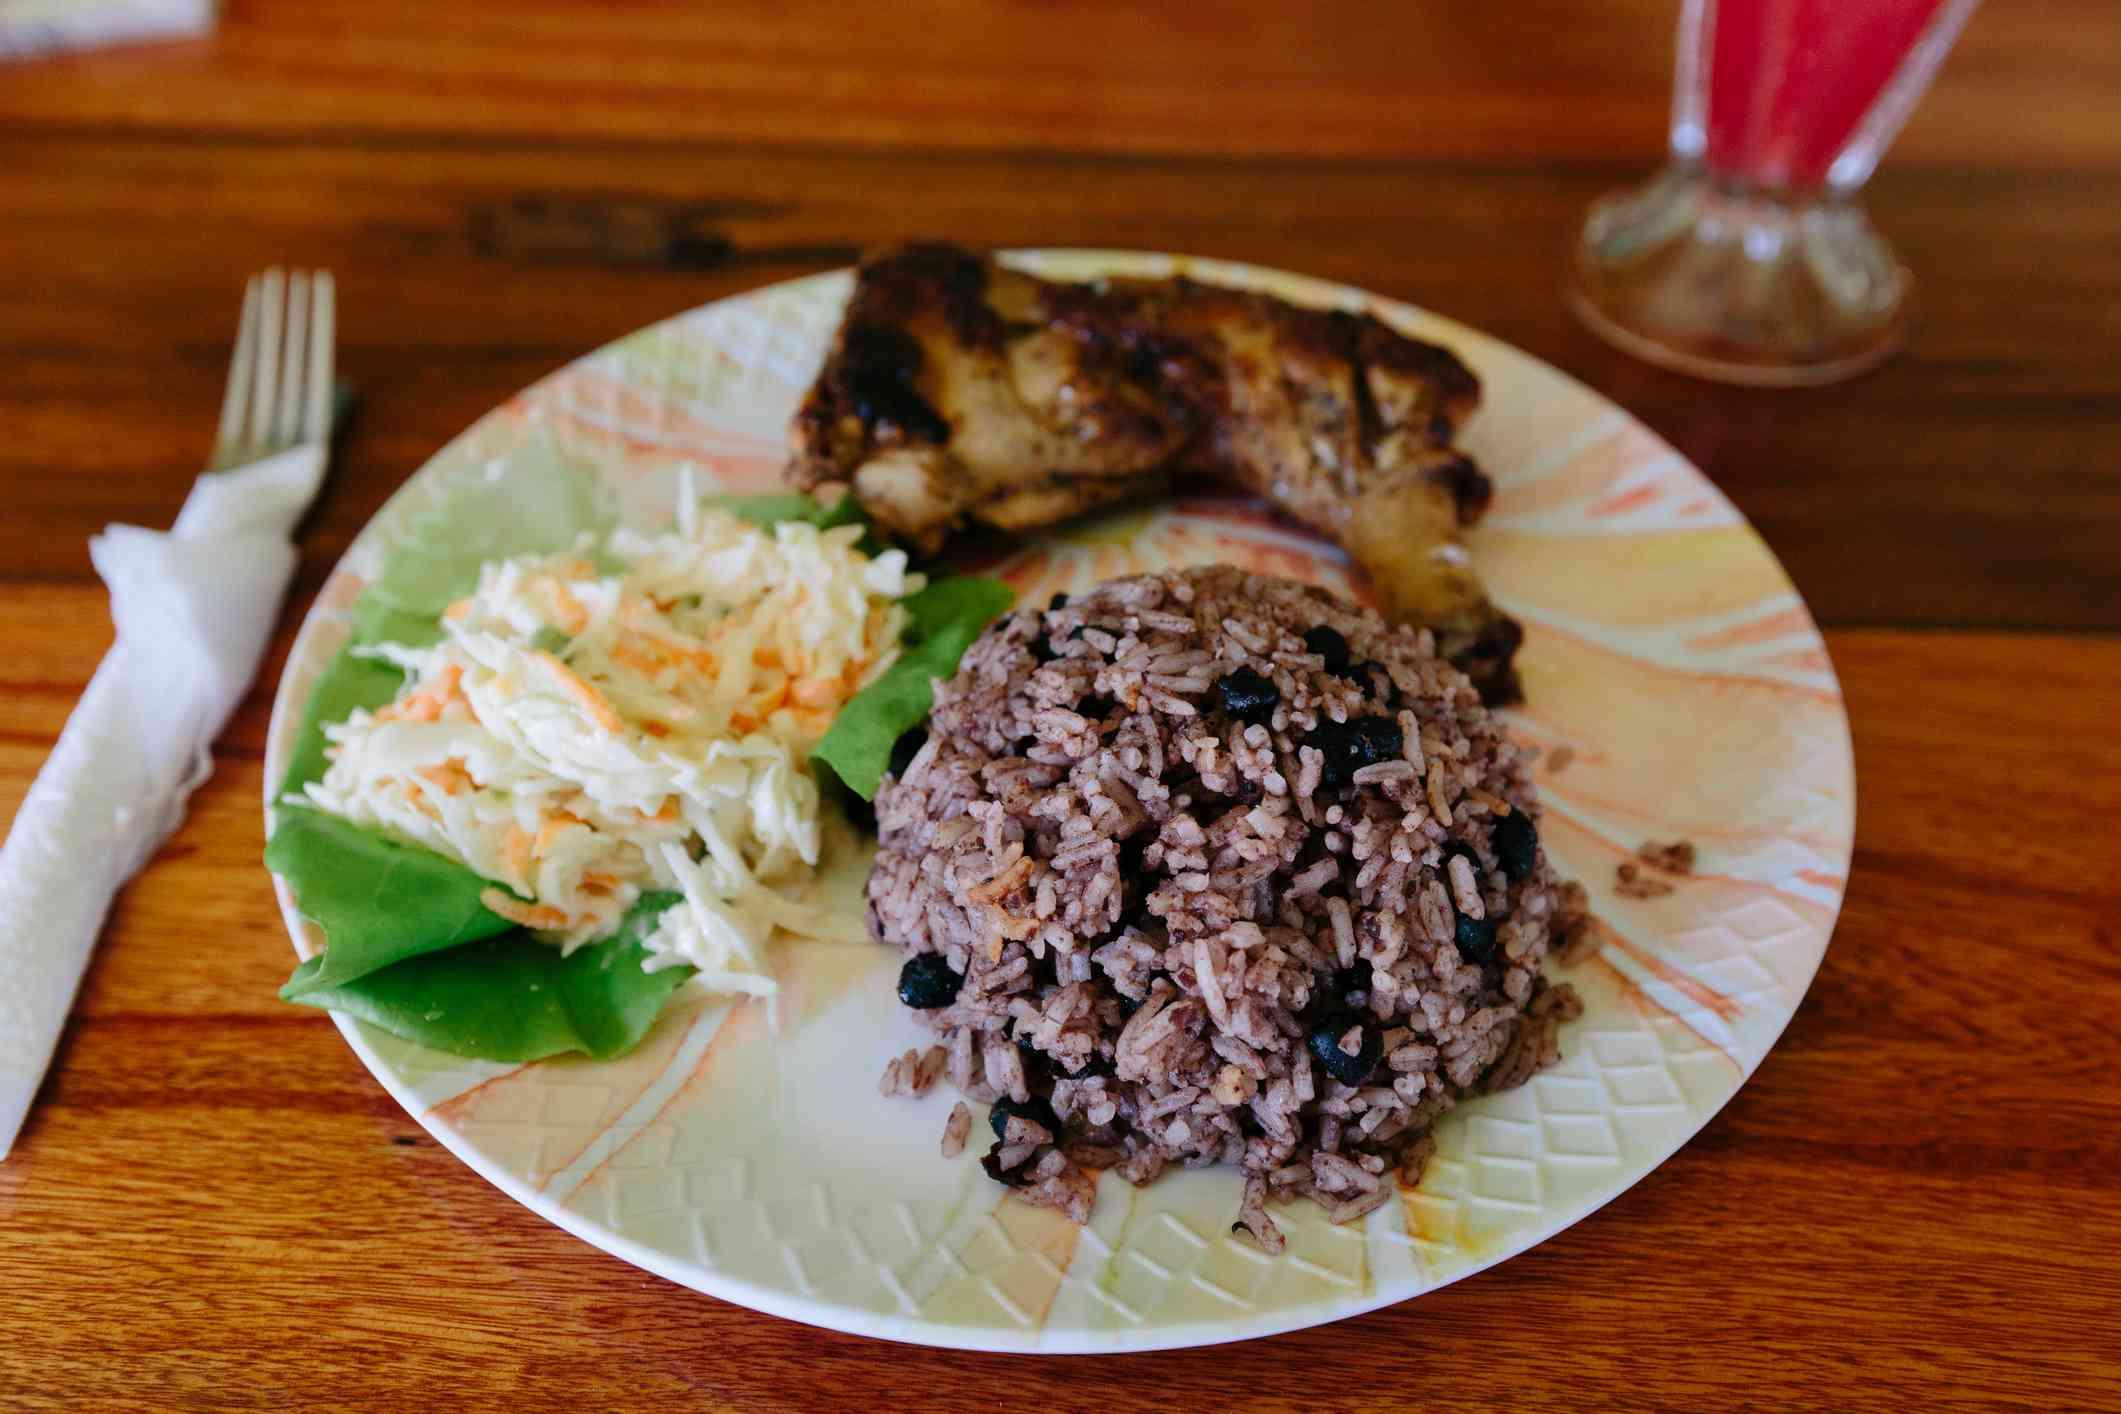 Comida tradicional de Belice: pollo con arroz y frijoles